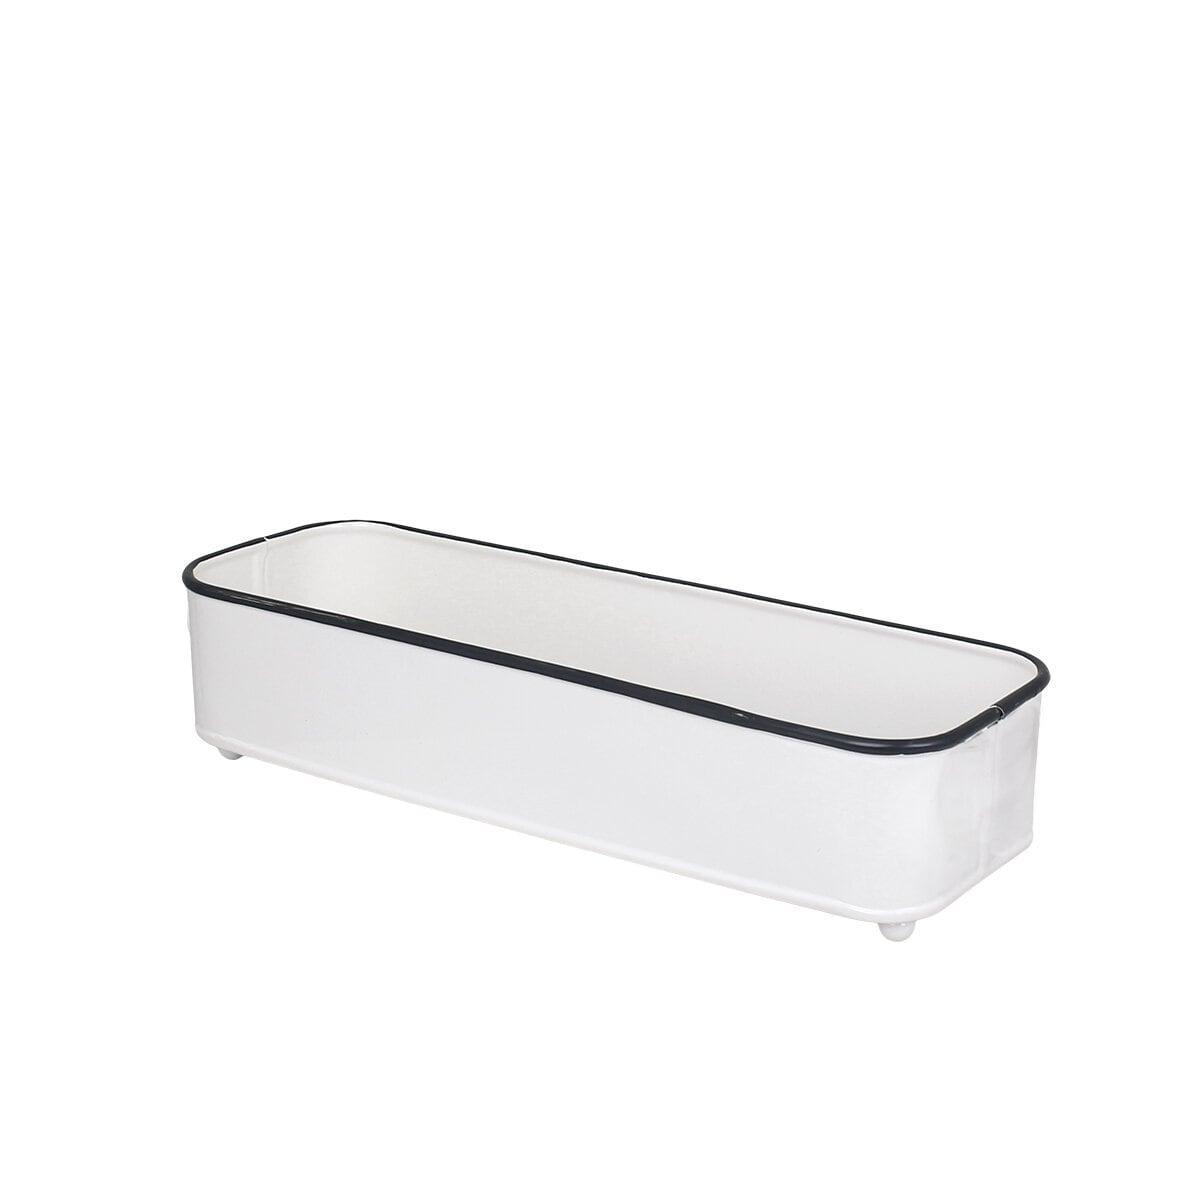 Box Olle White